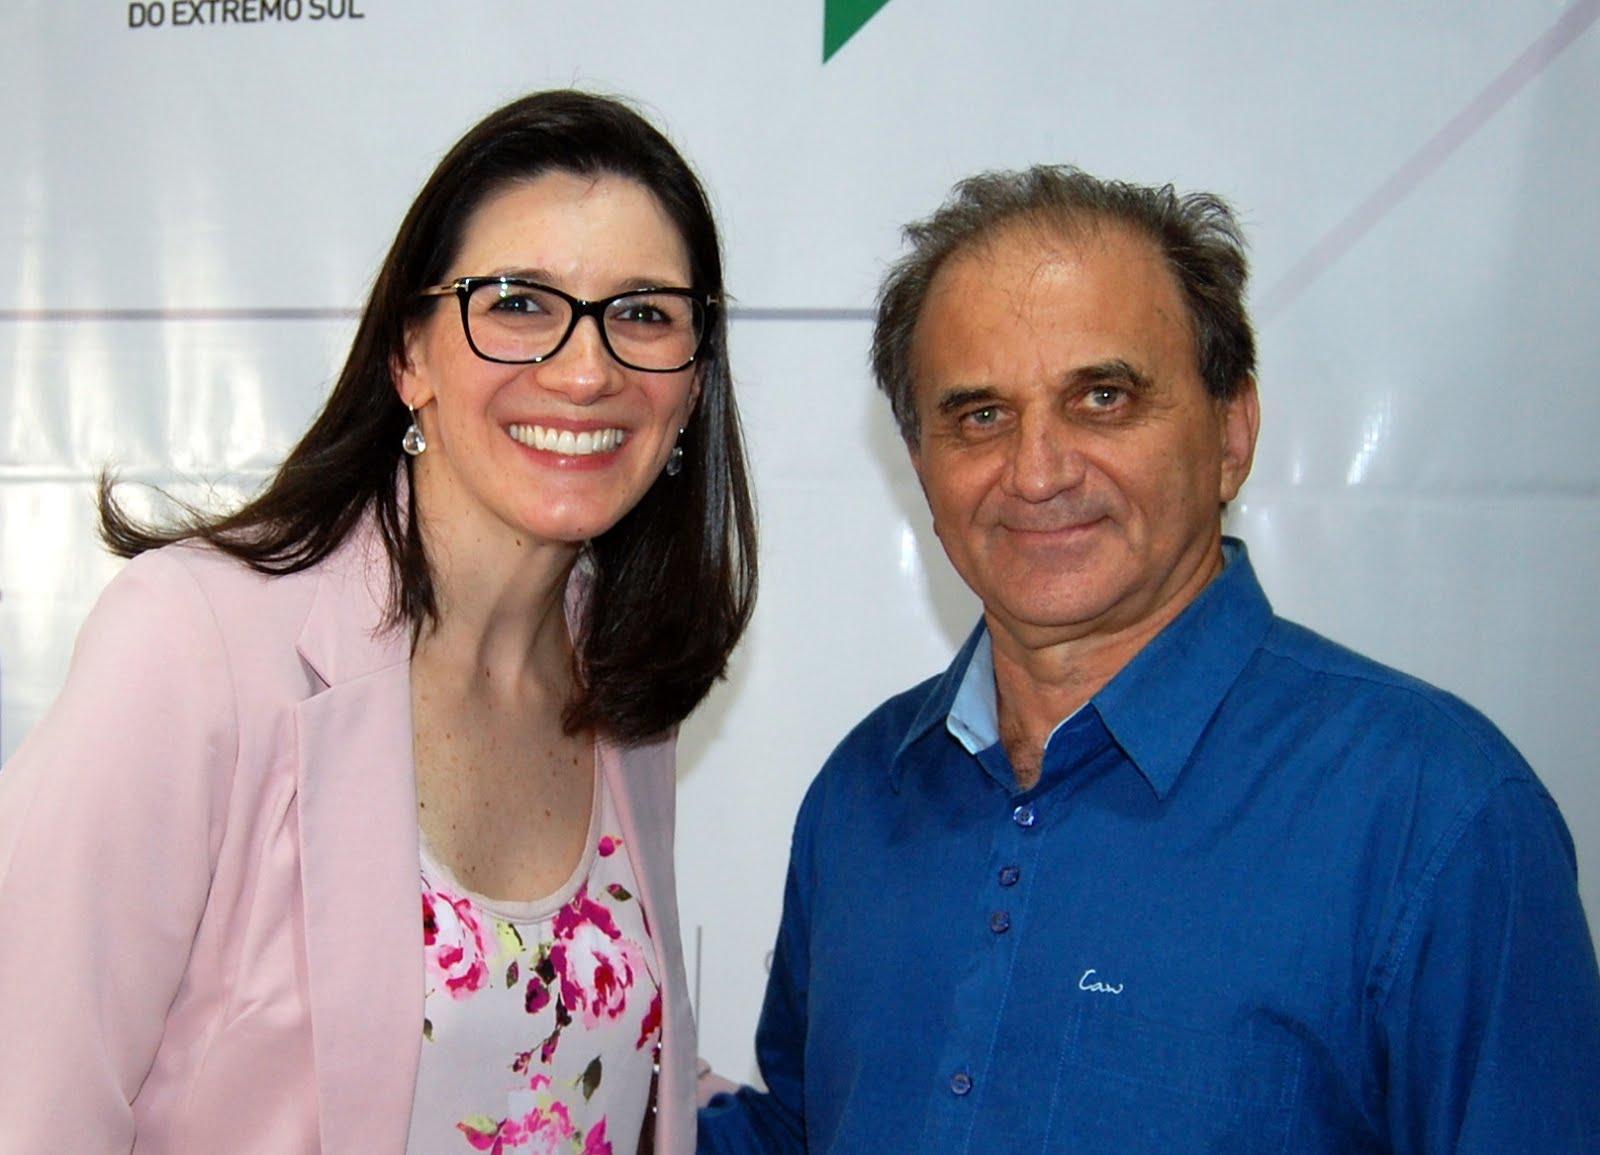 Airton Engster dos Santos e Grasiela Scheid Tesse